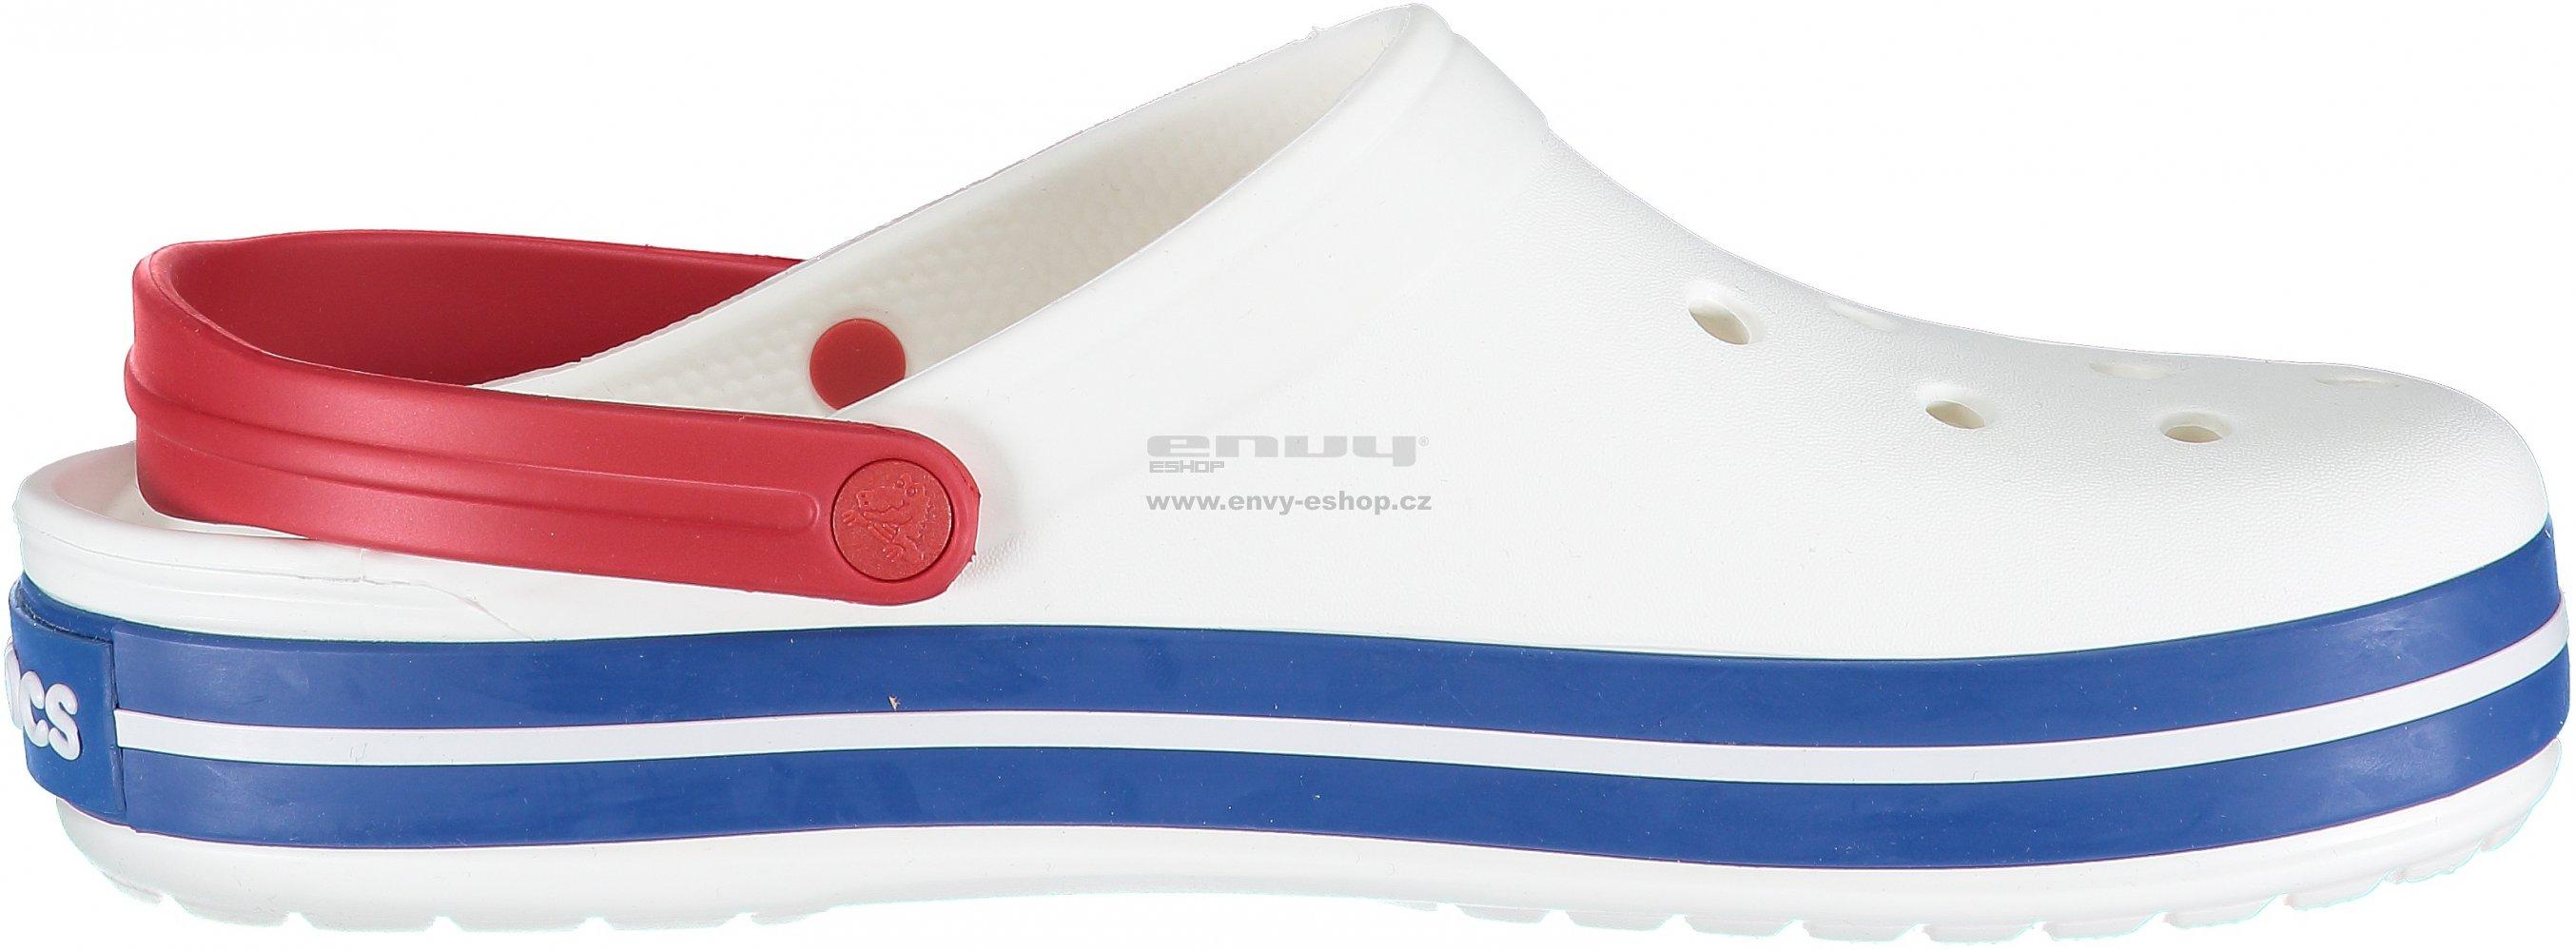 f2117374f3 Pánské pantofle CROCS CROCBAND CLOG 11016-11I WHITE BLUE JEAN ...